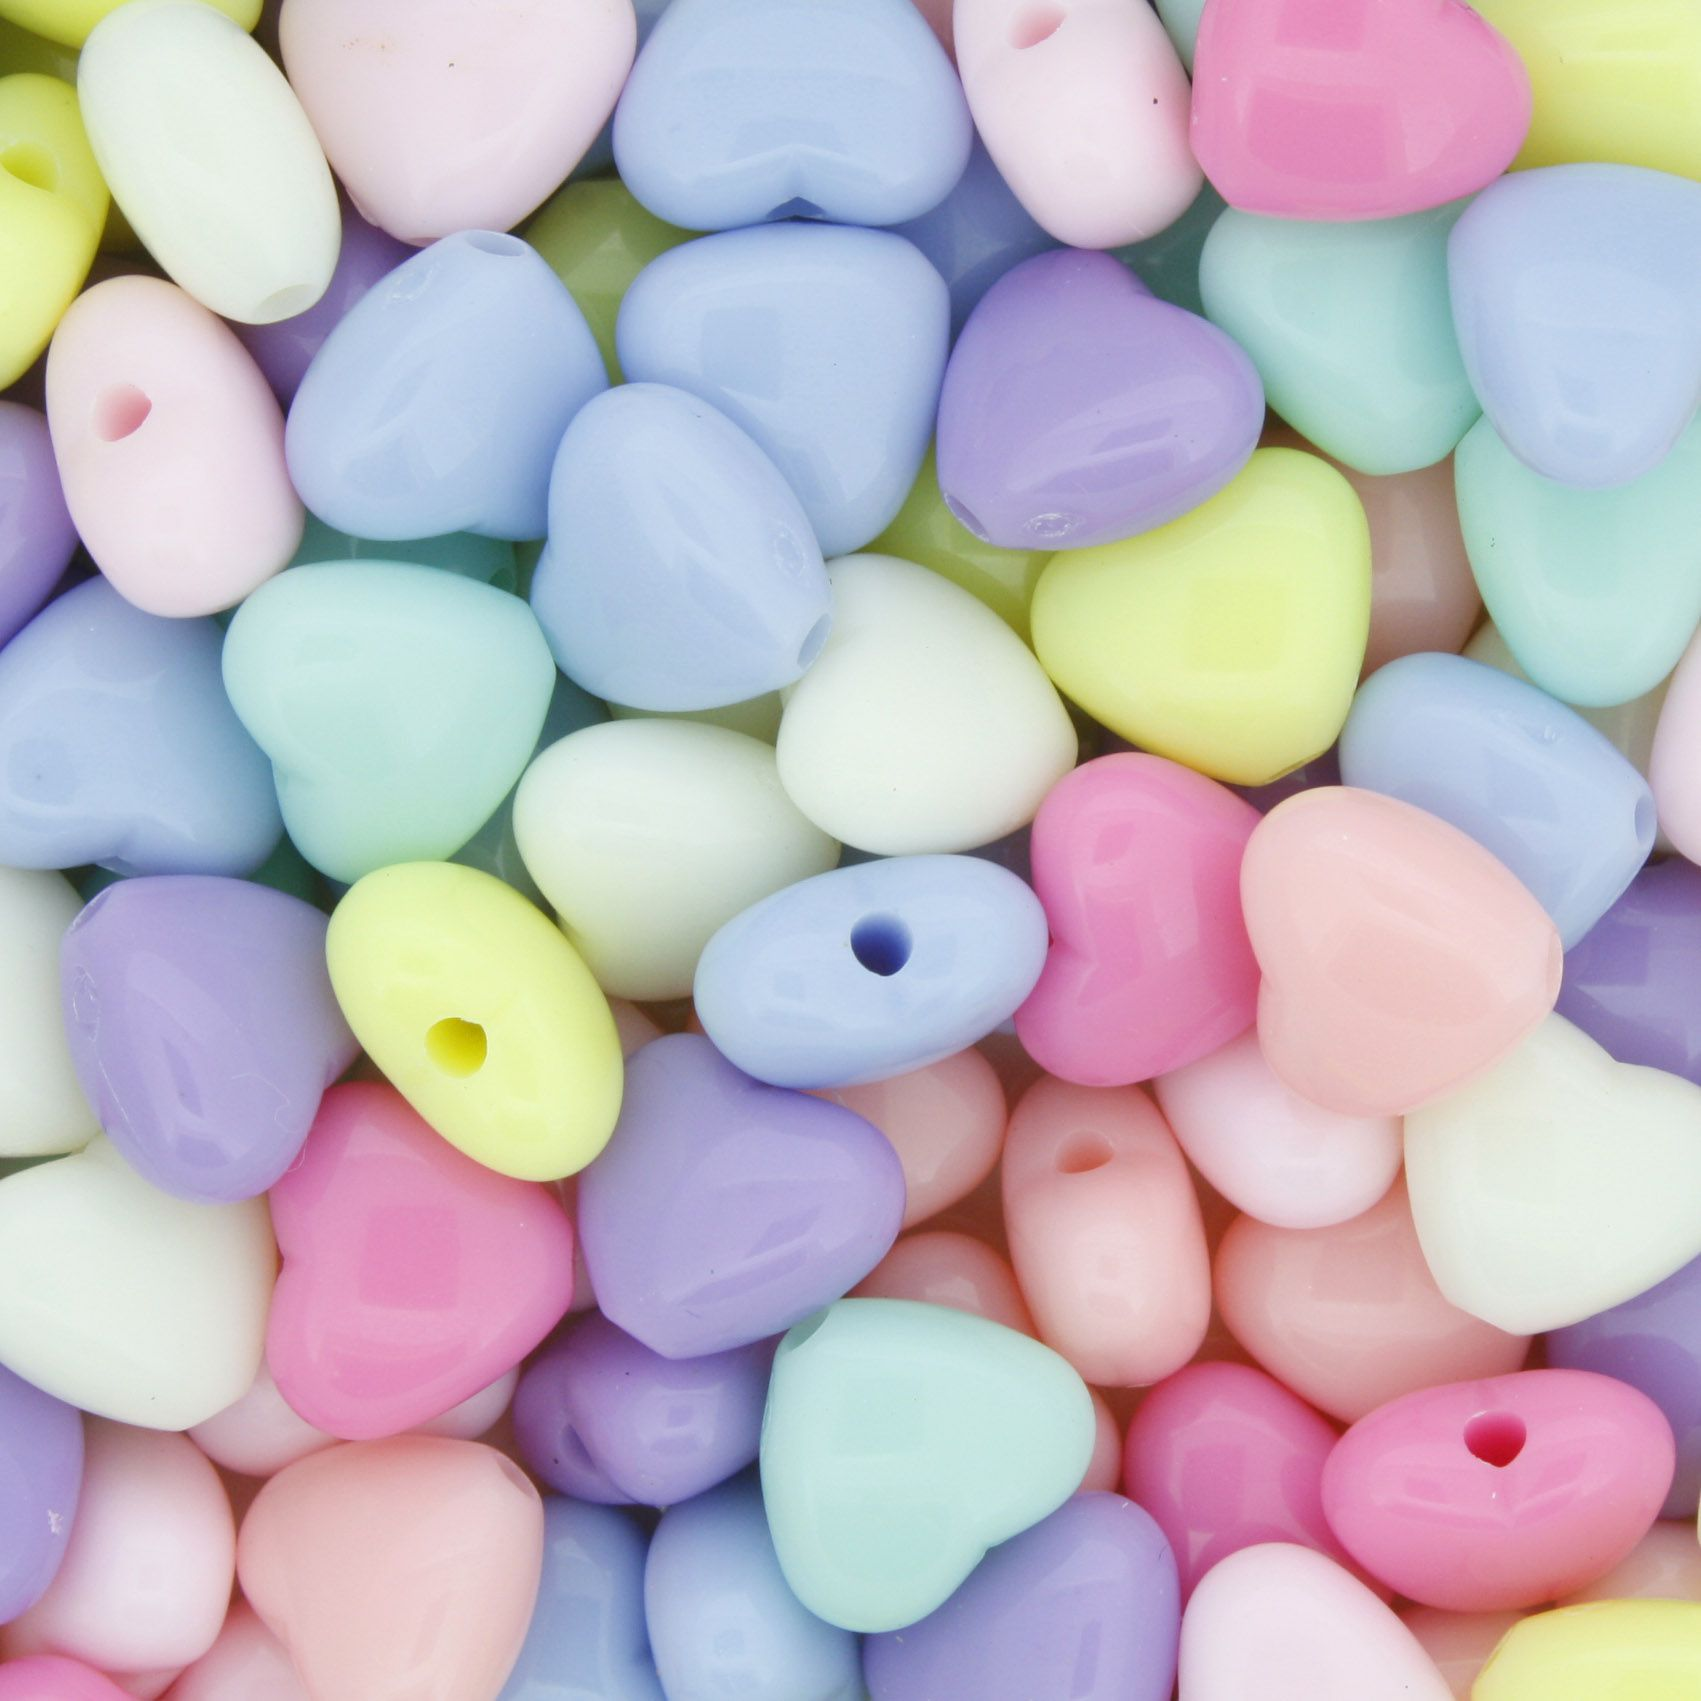 Miçanga Colorida / Infantil - Coração Candy  - Stéphanie Bijoux® - Peças para Bijuterias e Artesanato